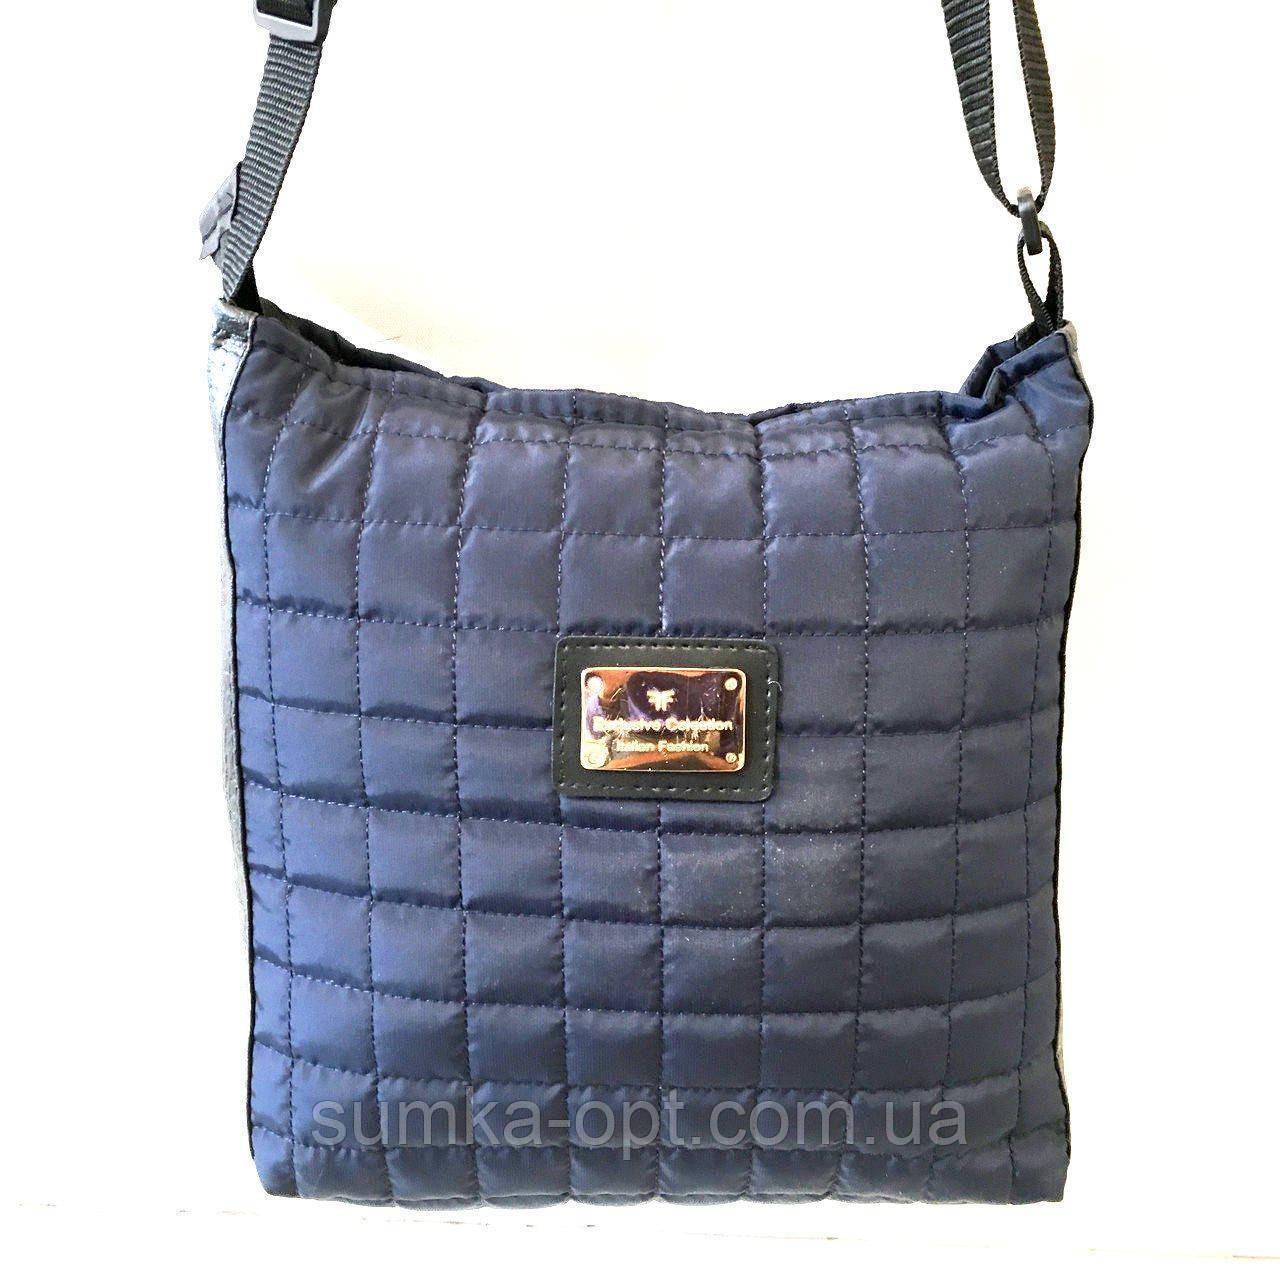 Женские стеганные сумки дешево опт до 100грн (синий)24*28см